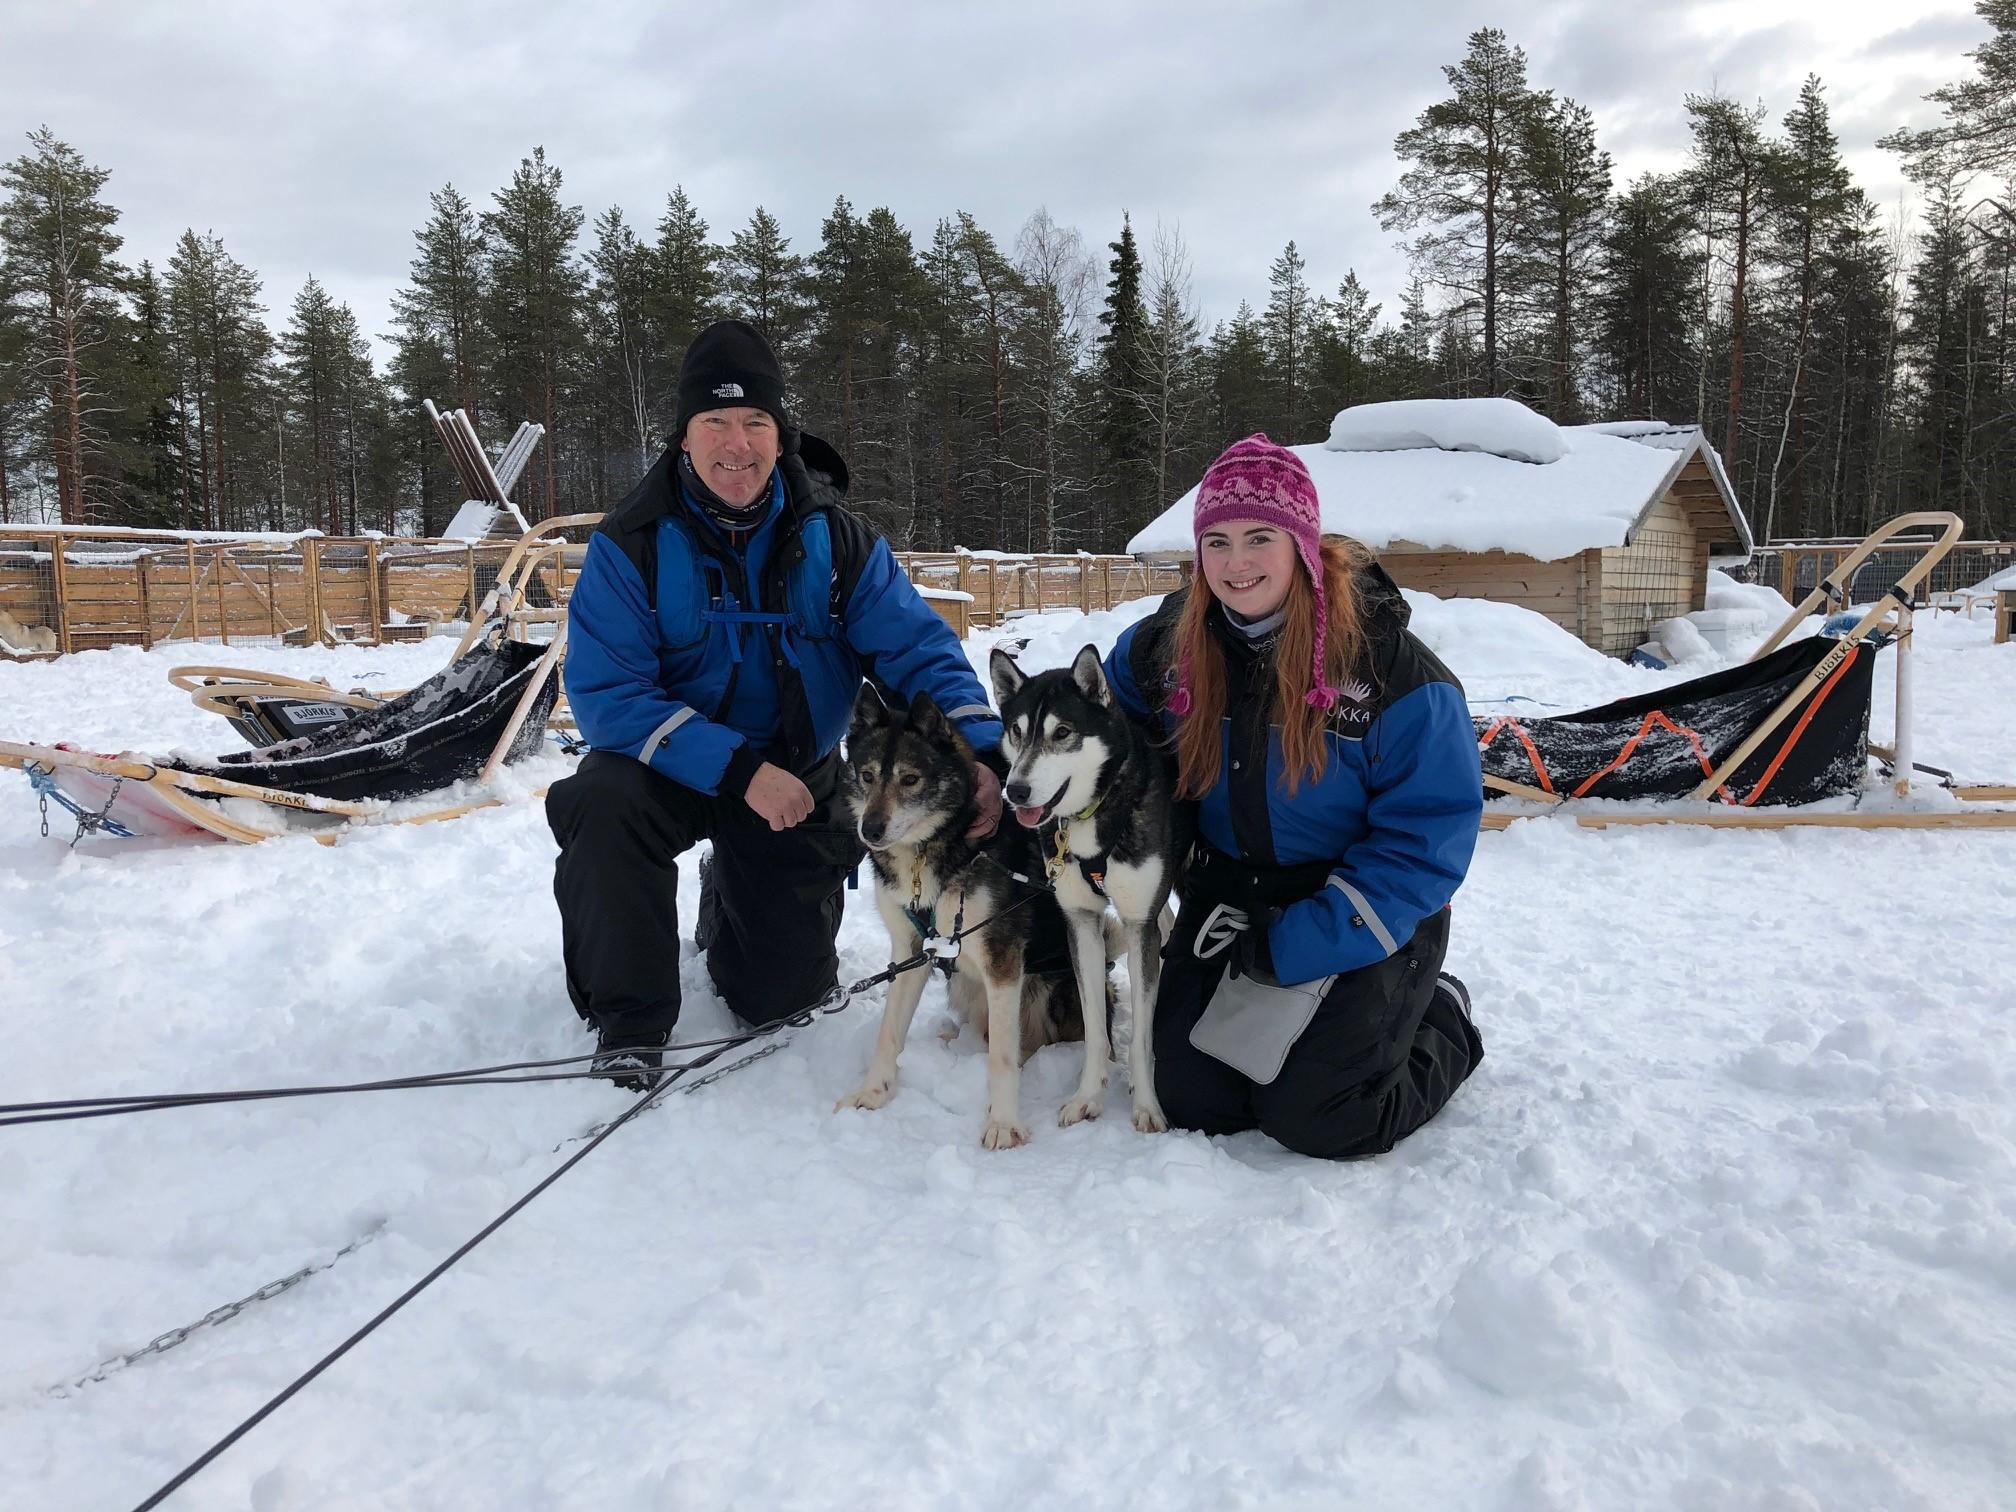 Rovaniemi Aurora Adventure at Apukka client images Credit Gavin Duffy 2